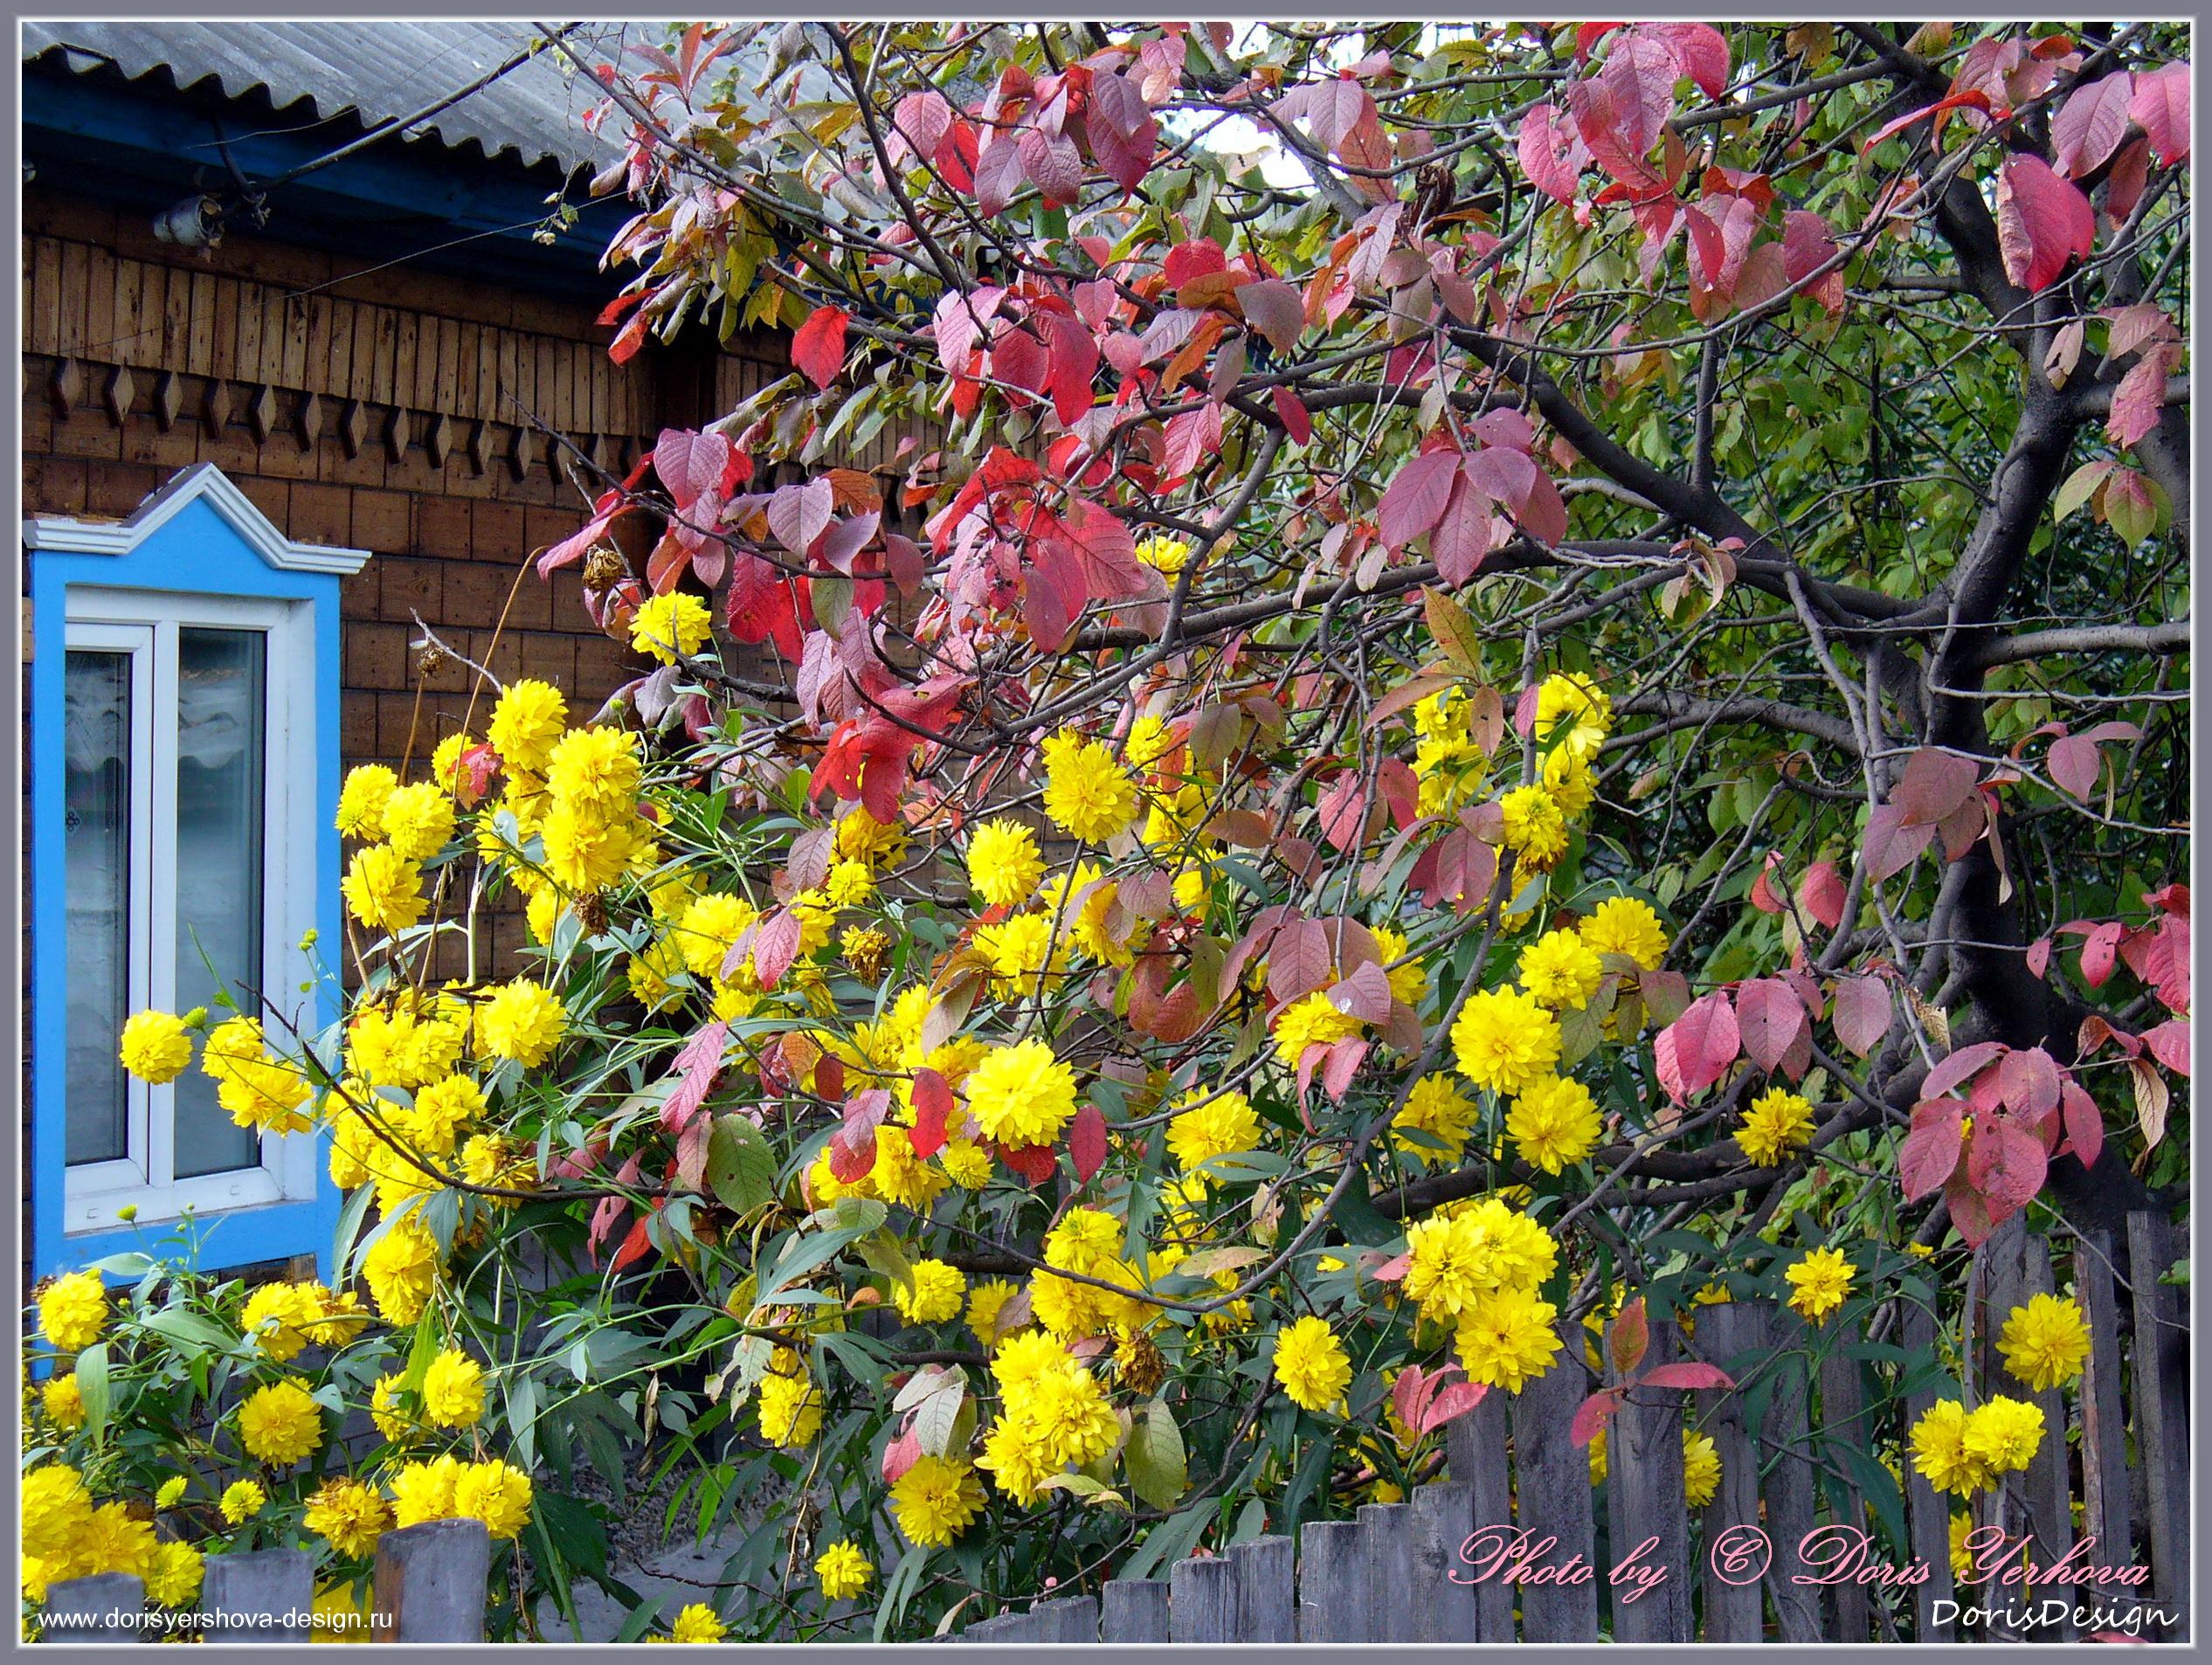 Осенние цветы и листья. Фото - Дорис Ершова